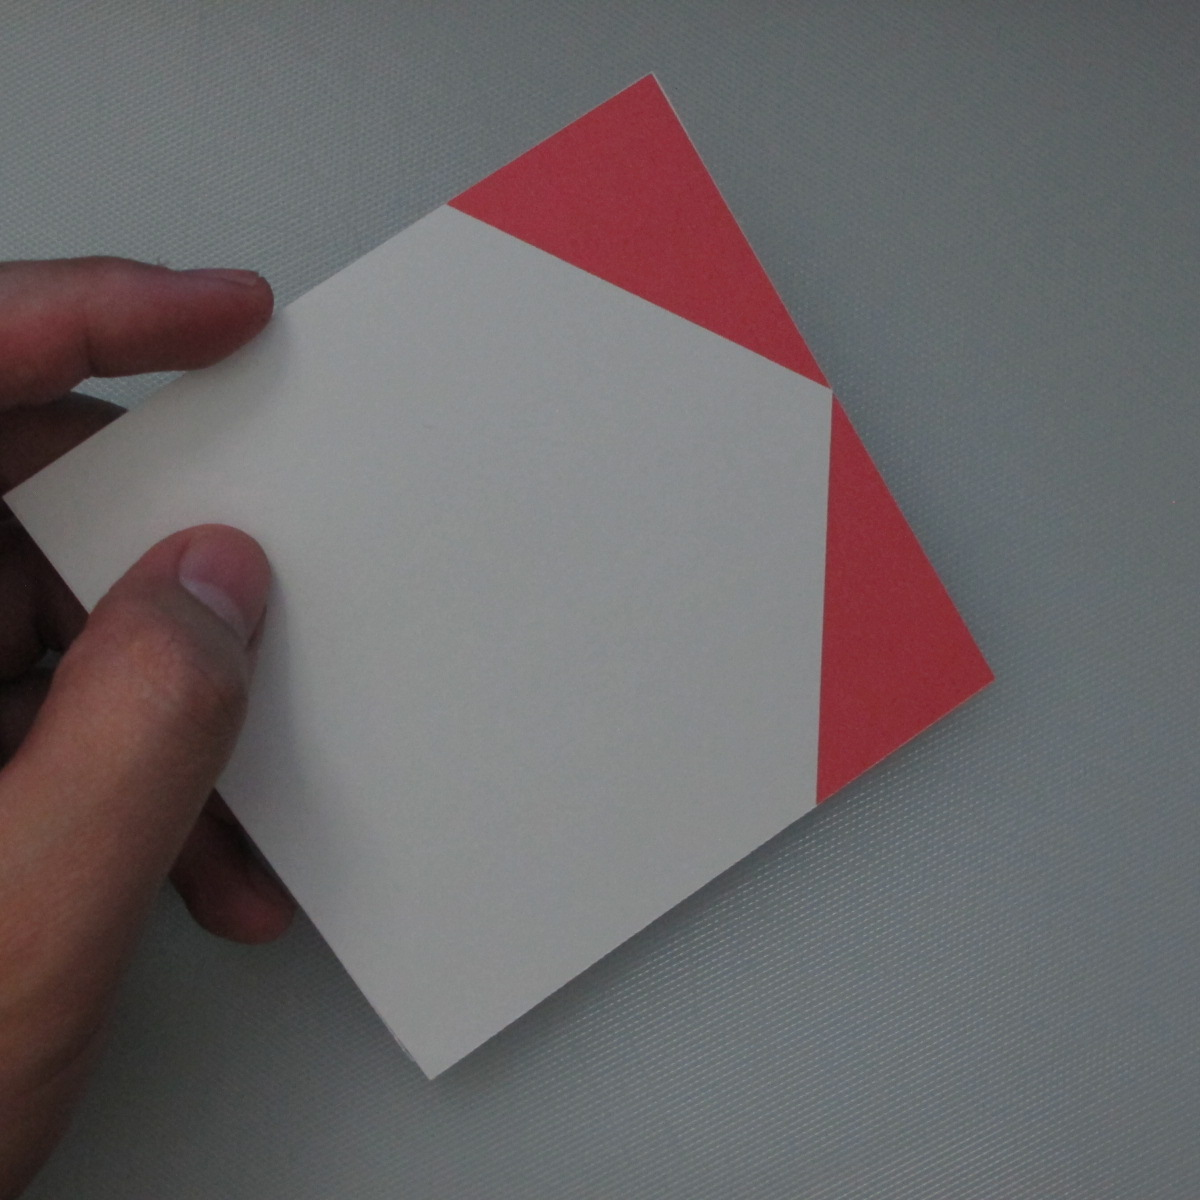 วิธีการพับกระดาษเป็นรูปกระต่าย 001